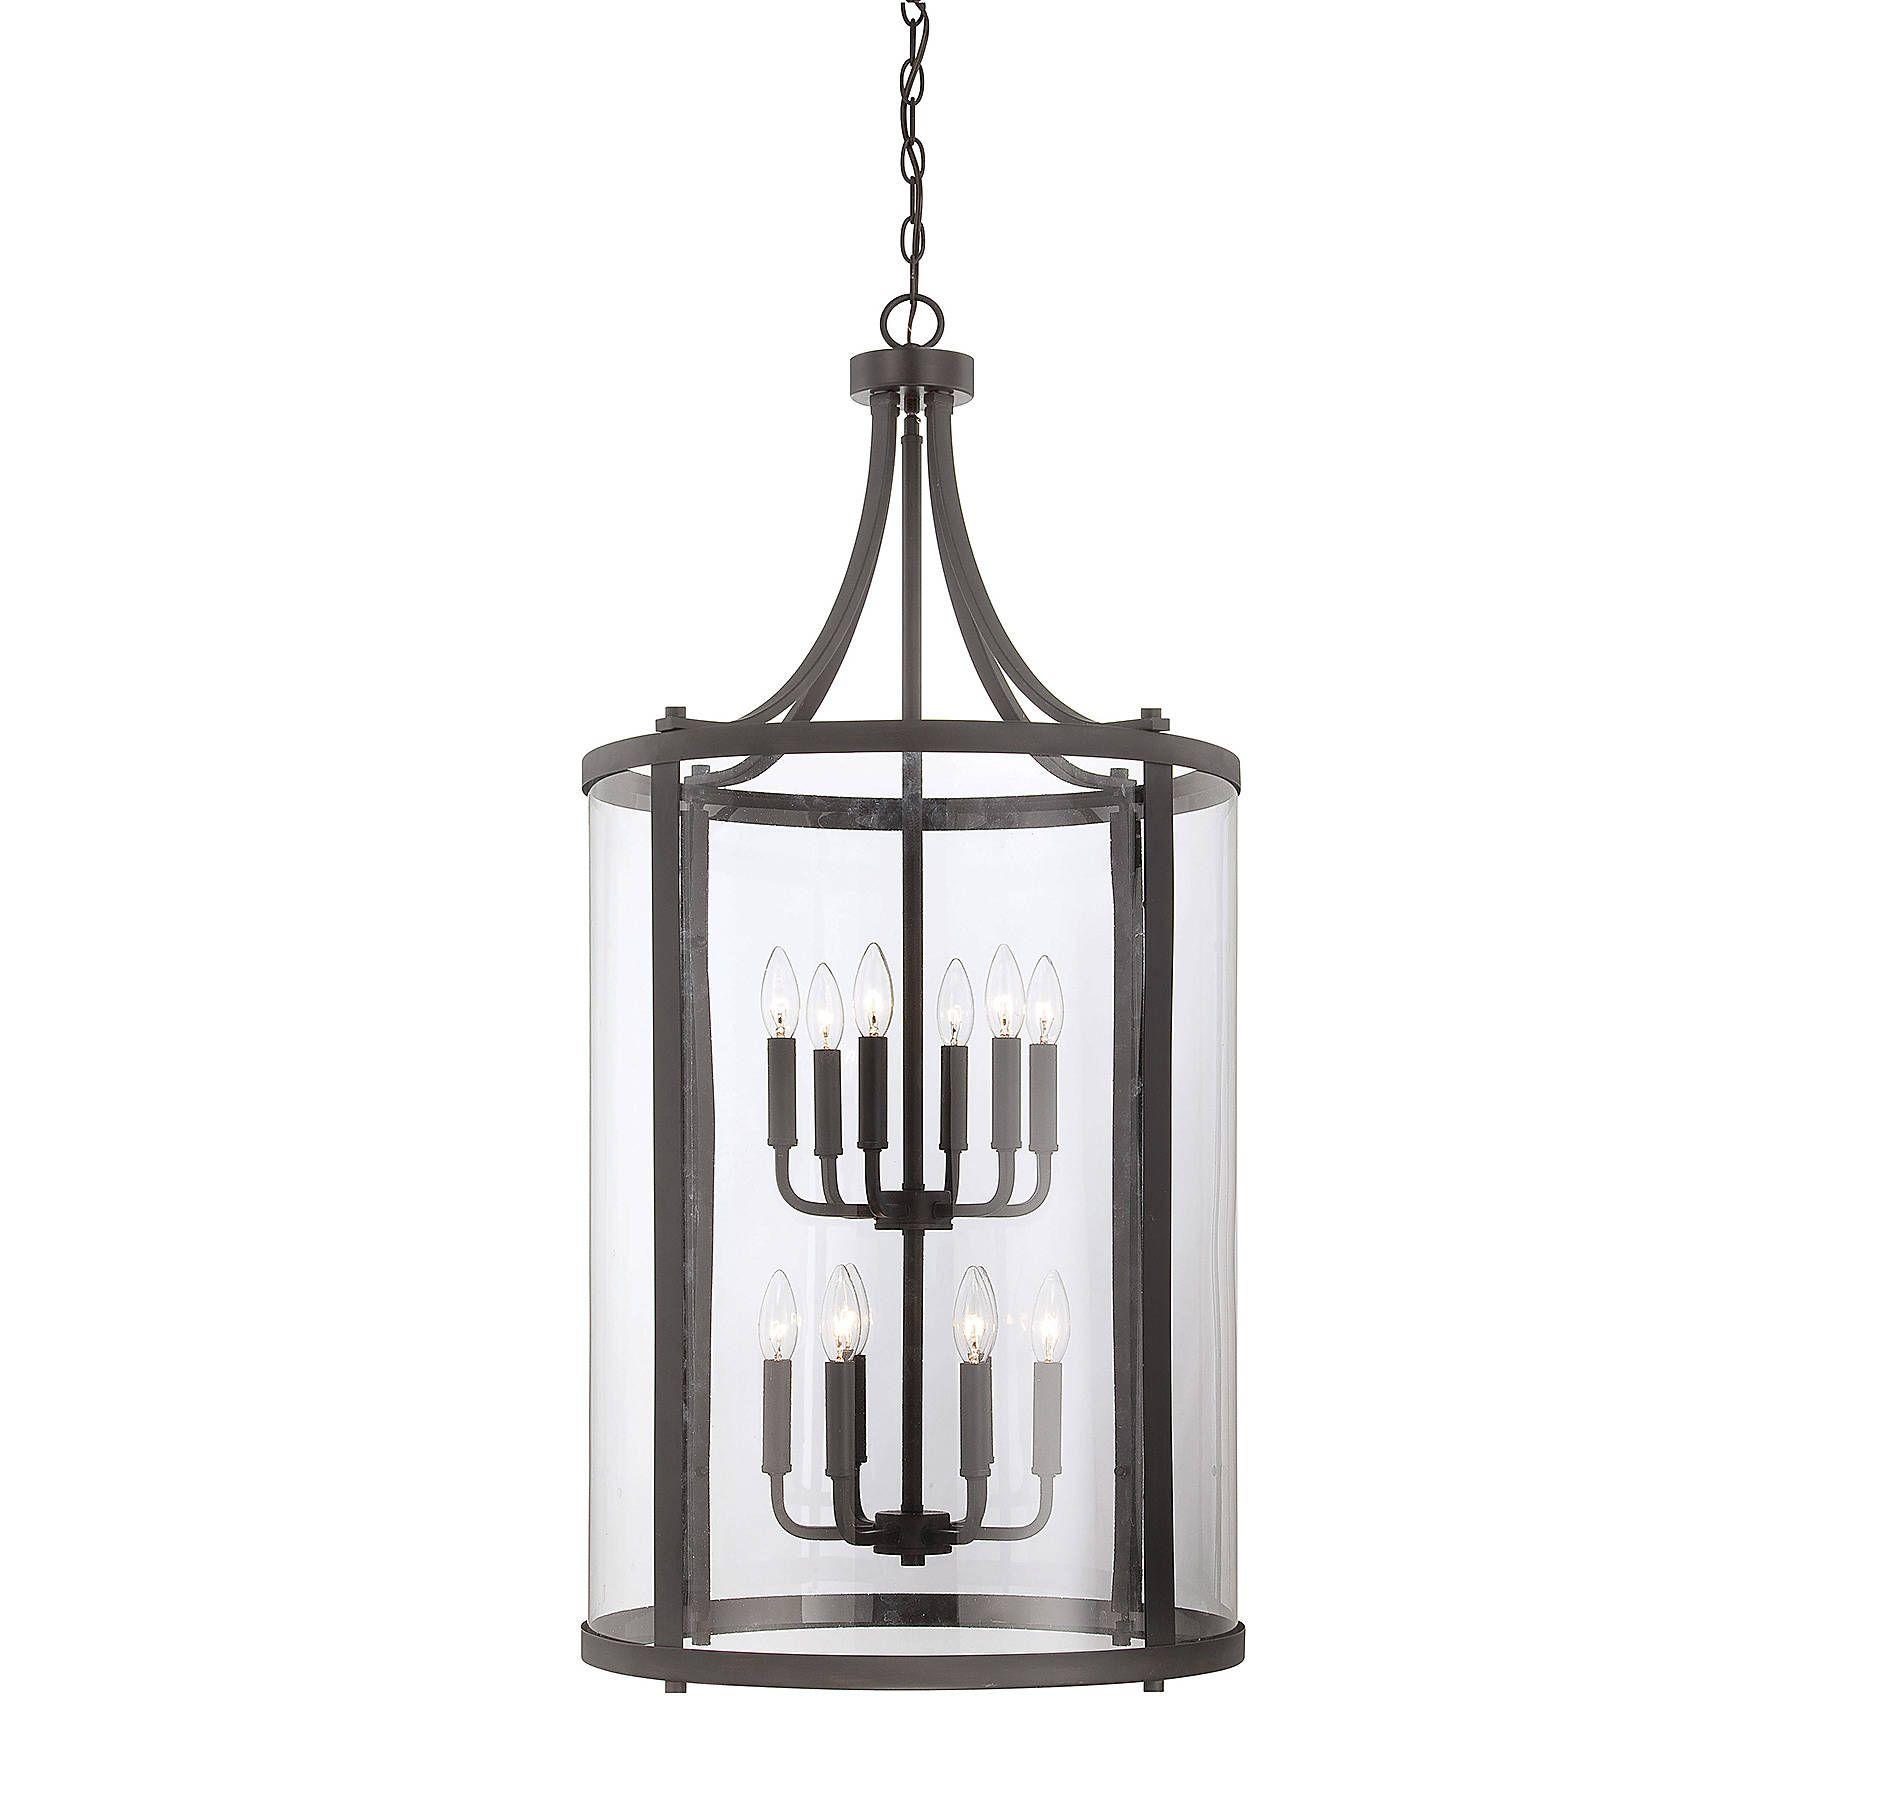 Savoy House 7 1042 12 13 Penrose 12 Light Foyer Lantern in